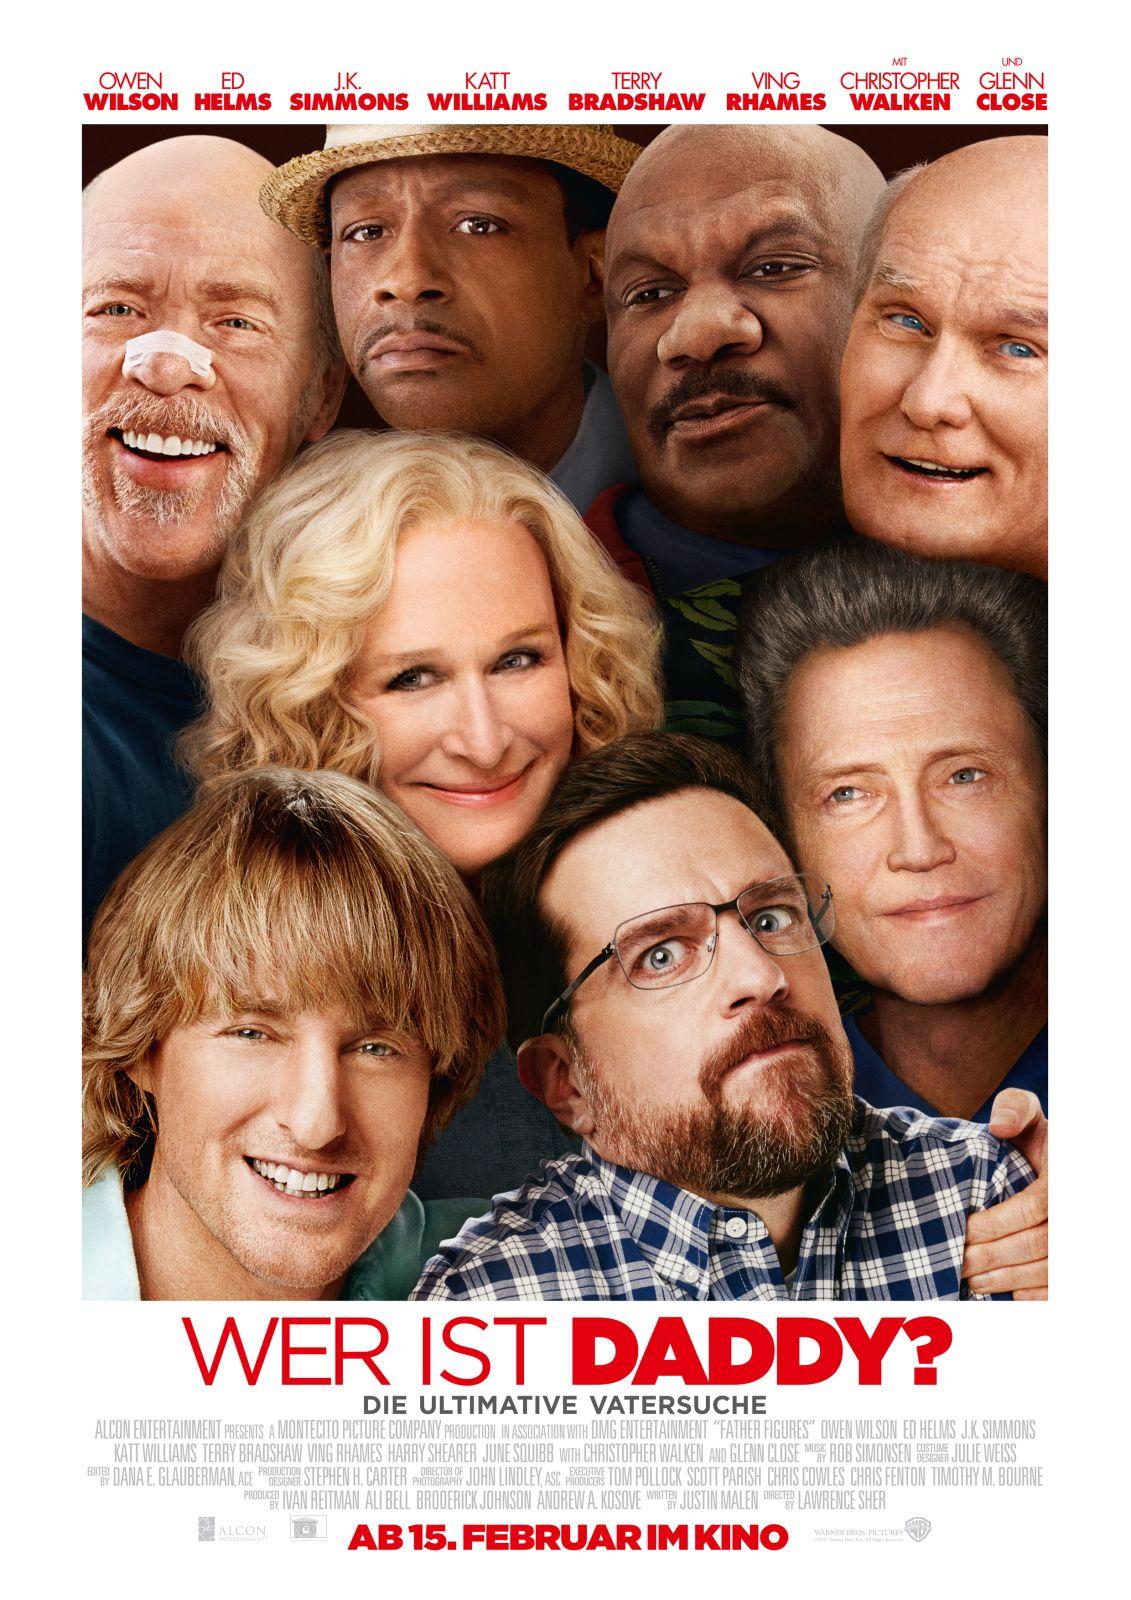 Wer ist Daddy?: Ähnliche Filme - FILMSTARTS.de